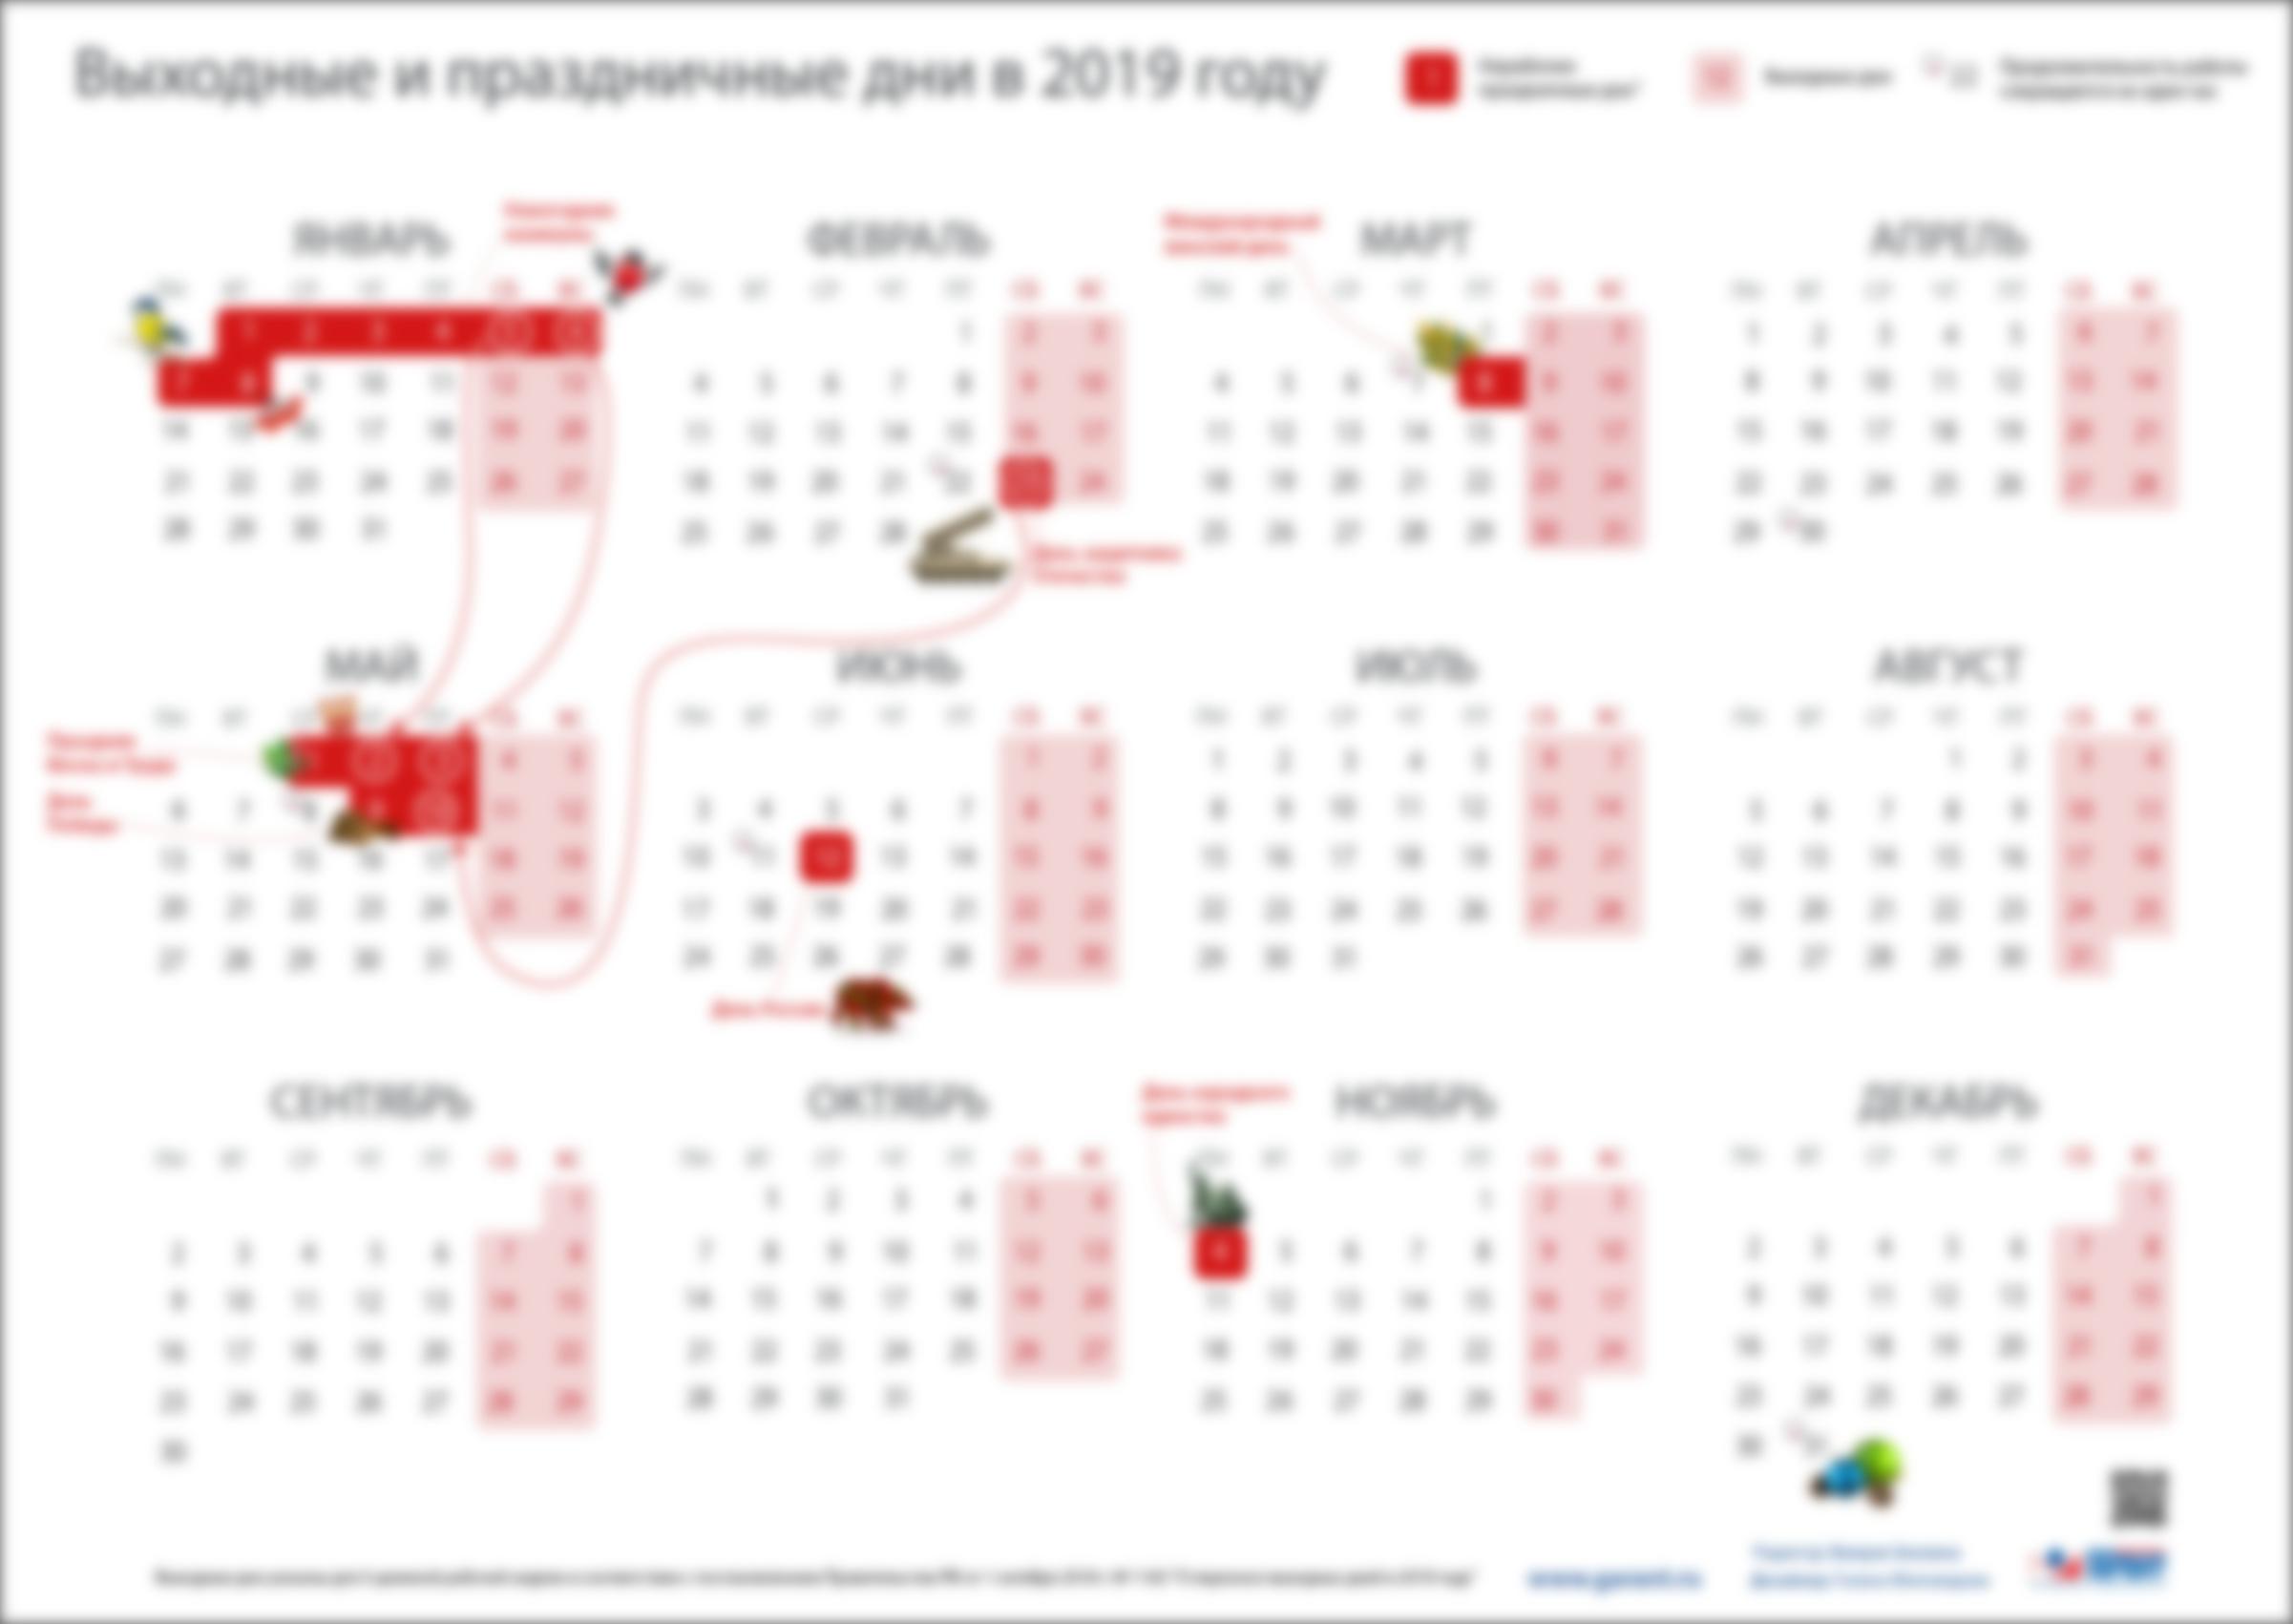 Новогодние каникулы 2019-2020 года: как отдыхаем, календарь